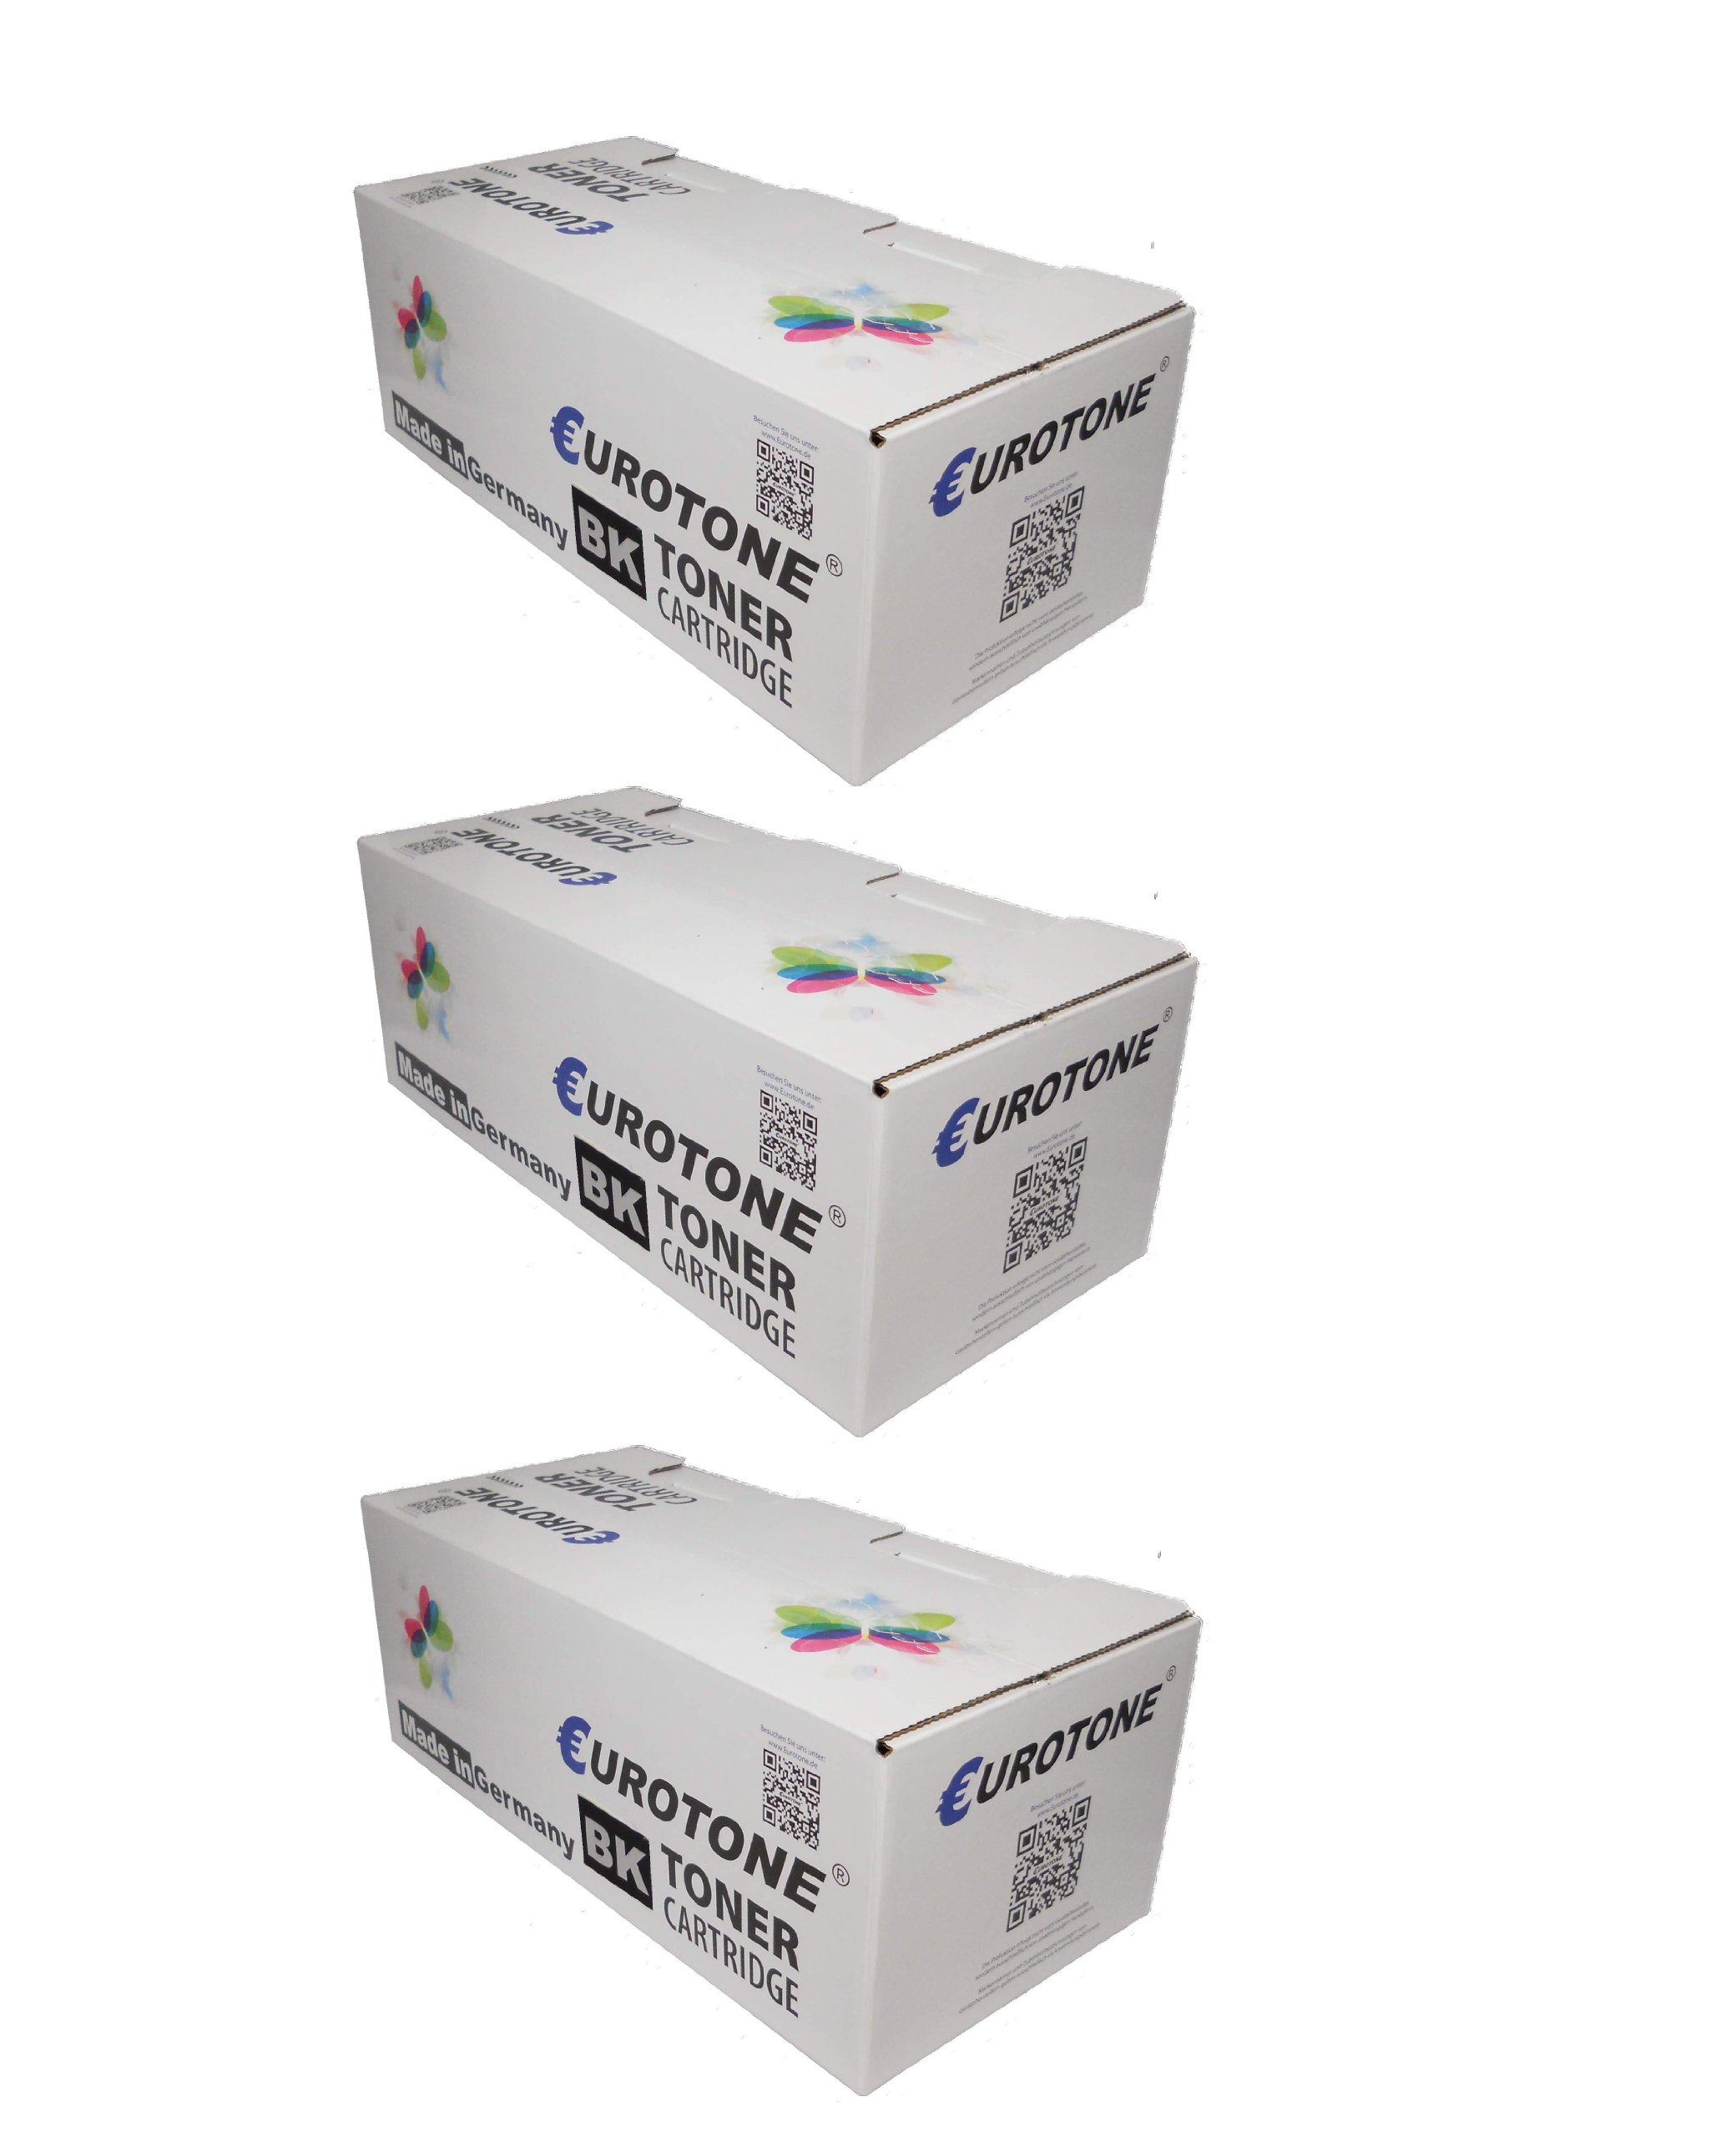 3x Eurotone Toner cartucce per Samsung ProXpress C2670FW /SEE und C2620DW /SEE sostituito NERO CLT-K